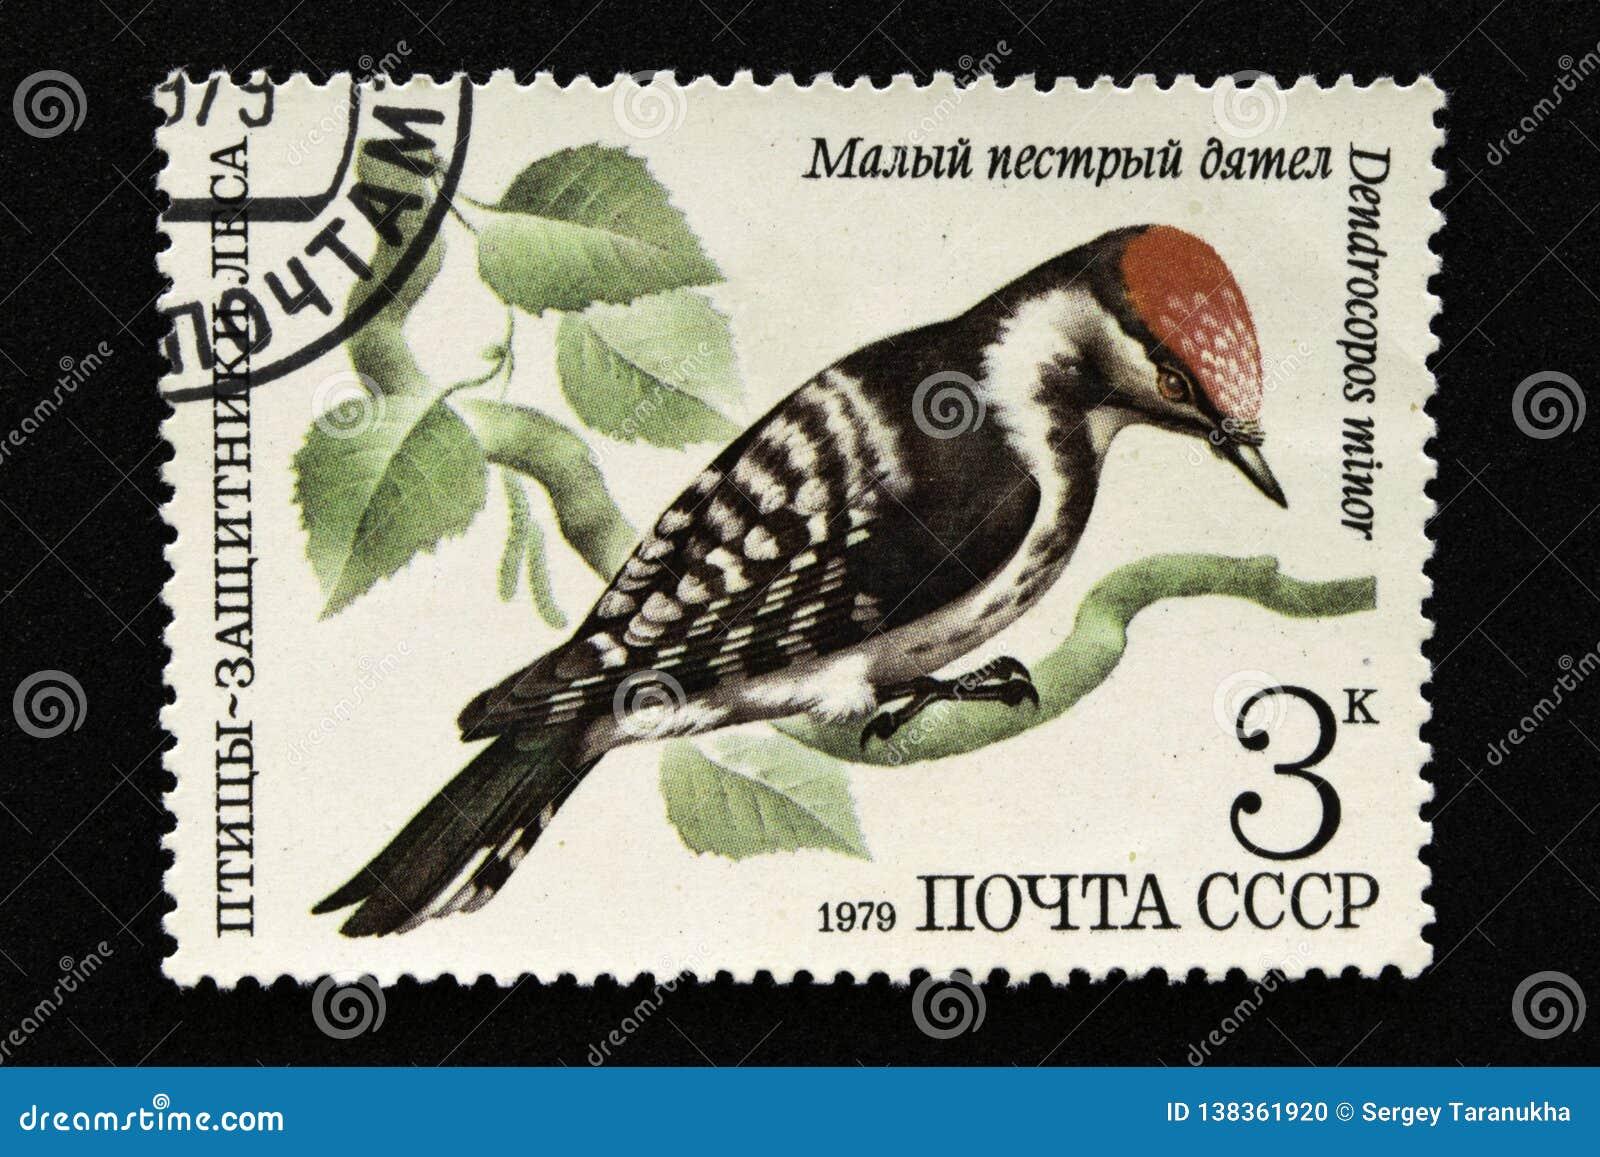 O selo postal de URSS, série - pássaros - demonstradores da floresta, 1979